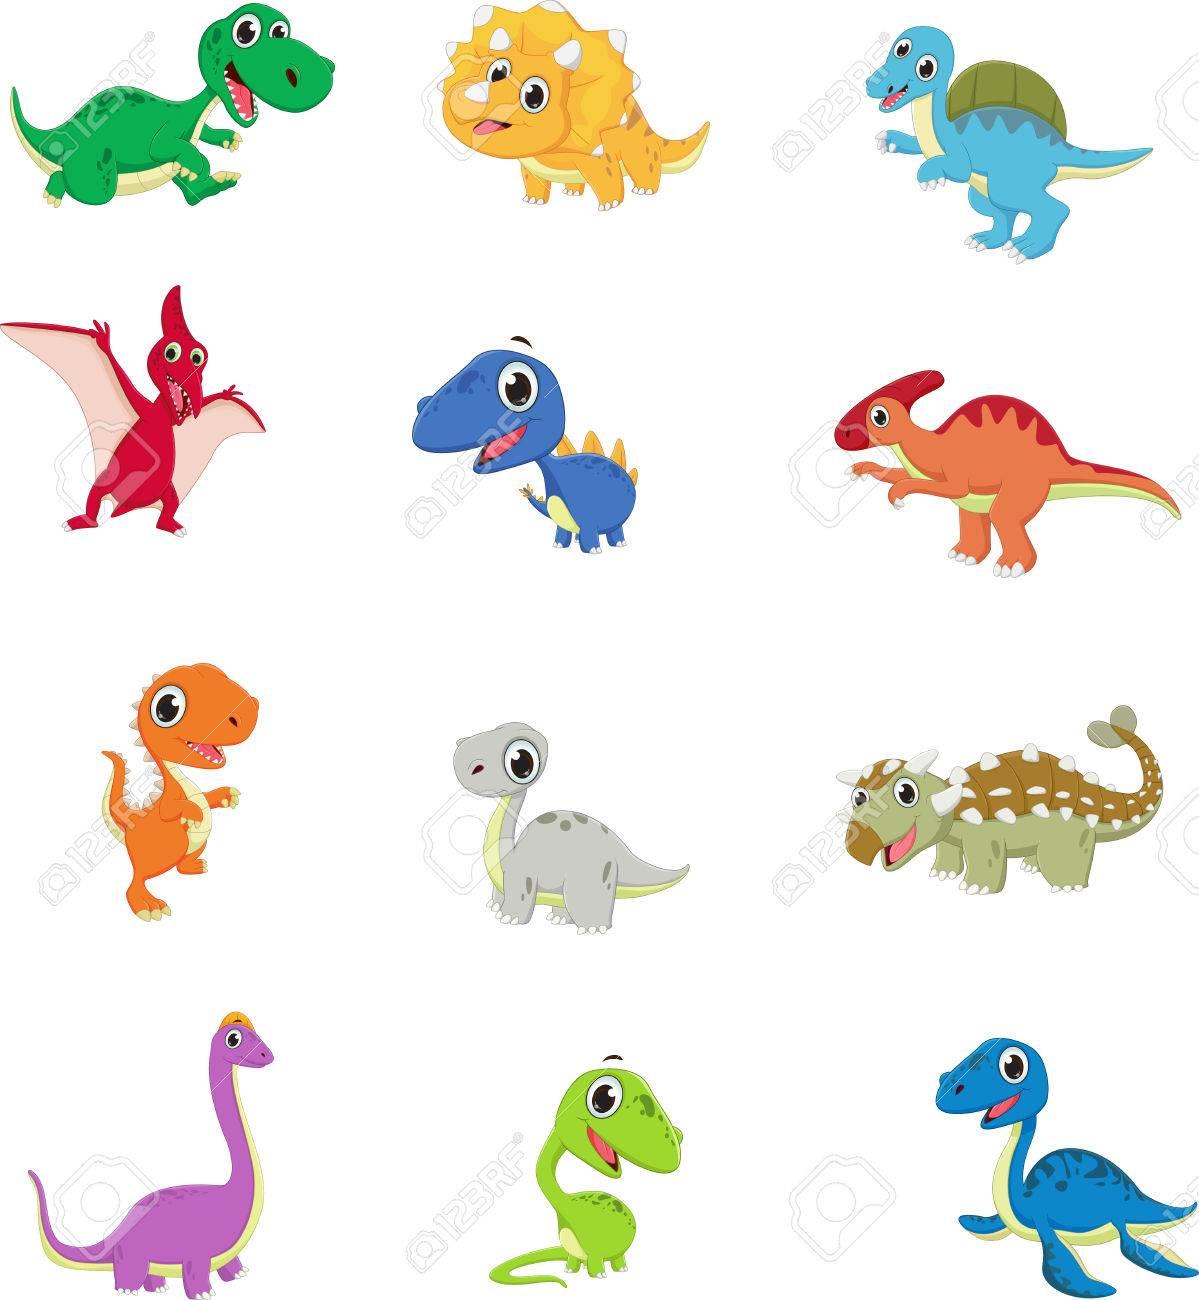 Dinosaurios Lindo Conjunto De Recopilacion De Dibujos Animados Ilustraciones Vectoriales Clip Art Vectorizado Libre De Derechos Image 61041288 Dinosaurios para dibujar, dinosaurios imagenes, dinosaurios para niños, actividades de dinosaurios, dinosaurios. dinosaurios lindo conjunto de recopilacion de dibujos animados